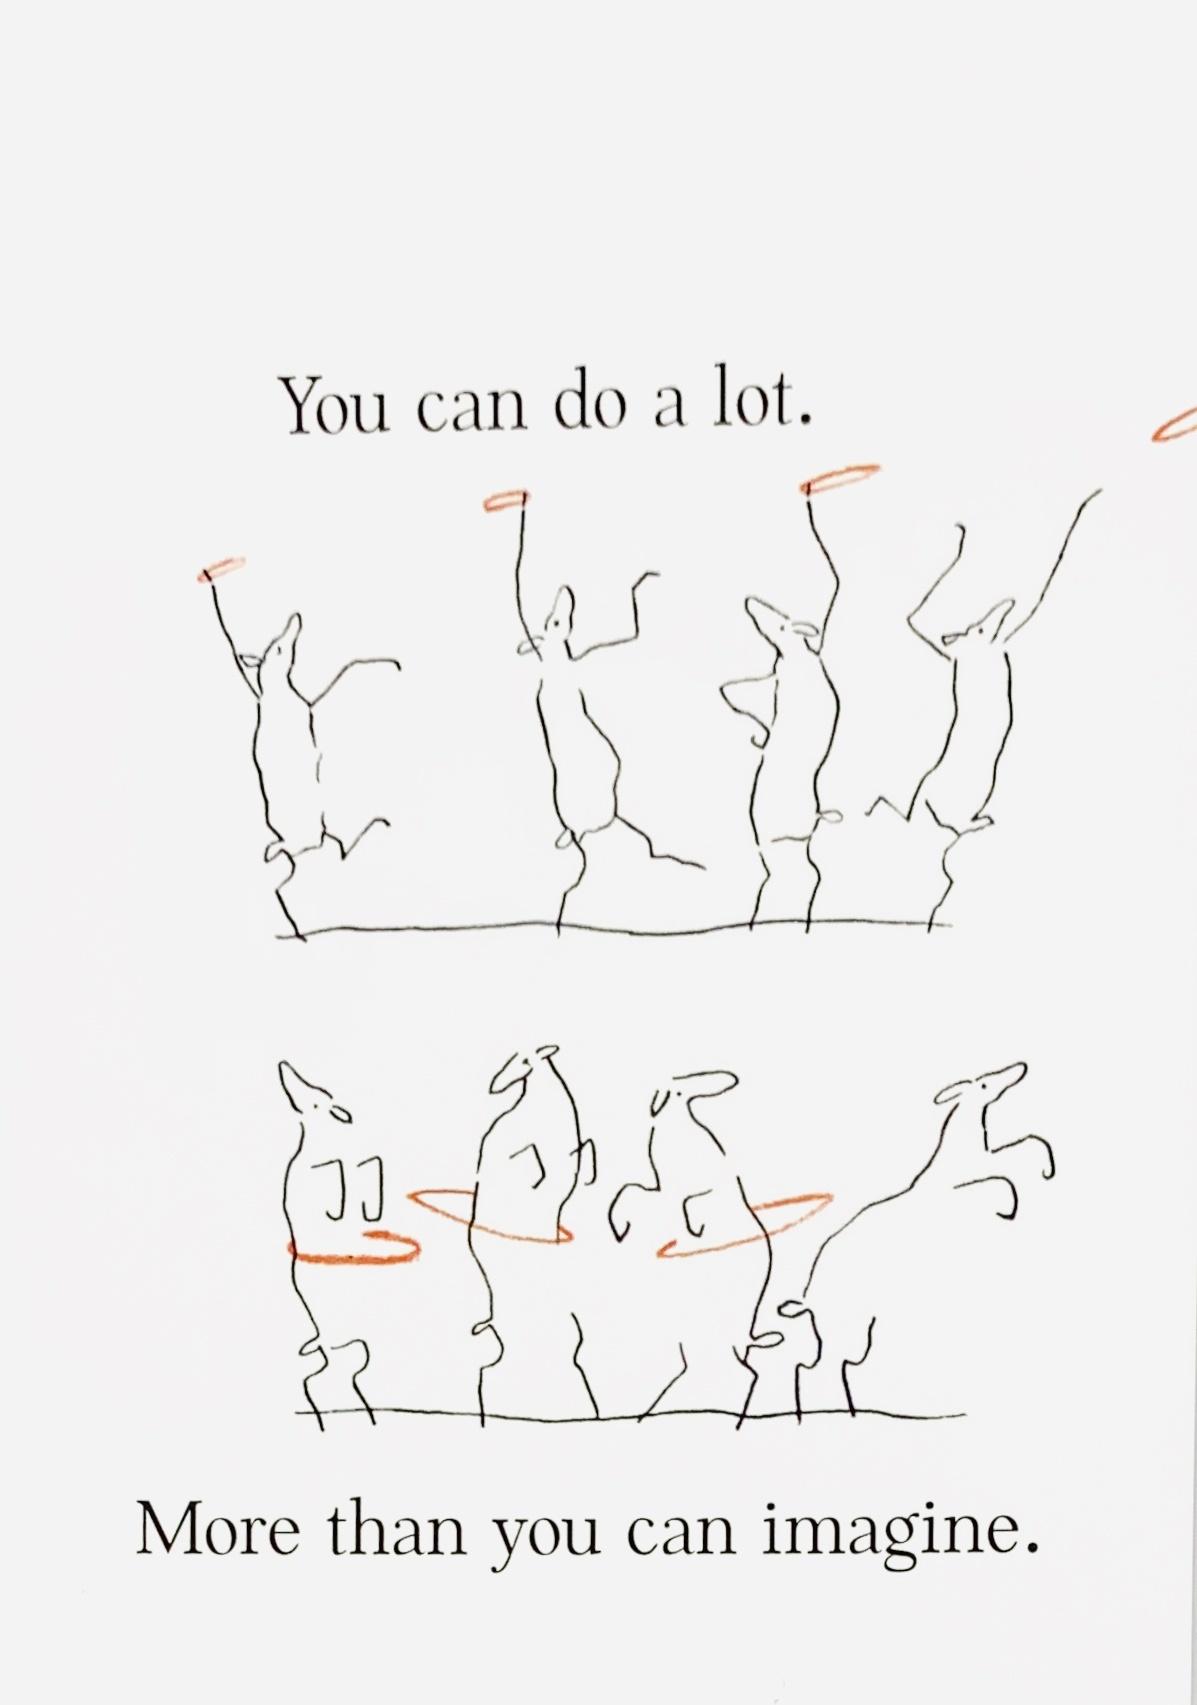 Sabien Clement Postkaart Sabien Clement - You can do a lot